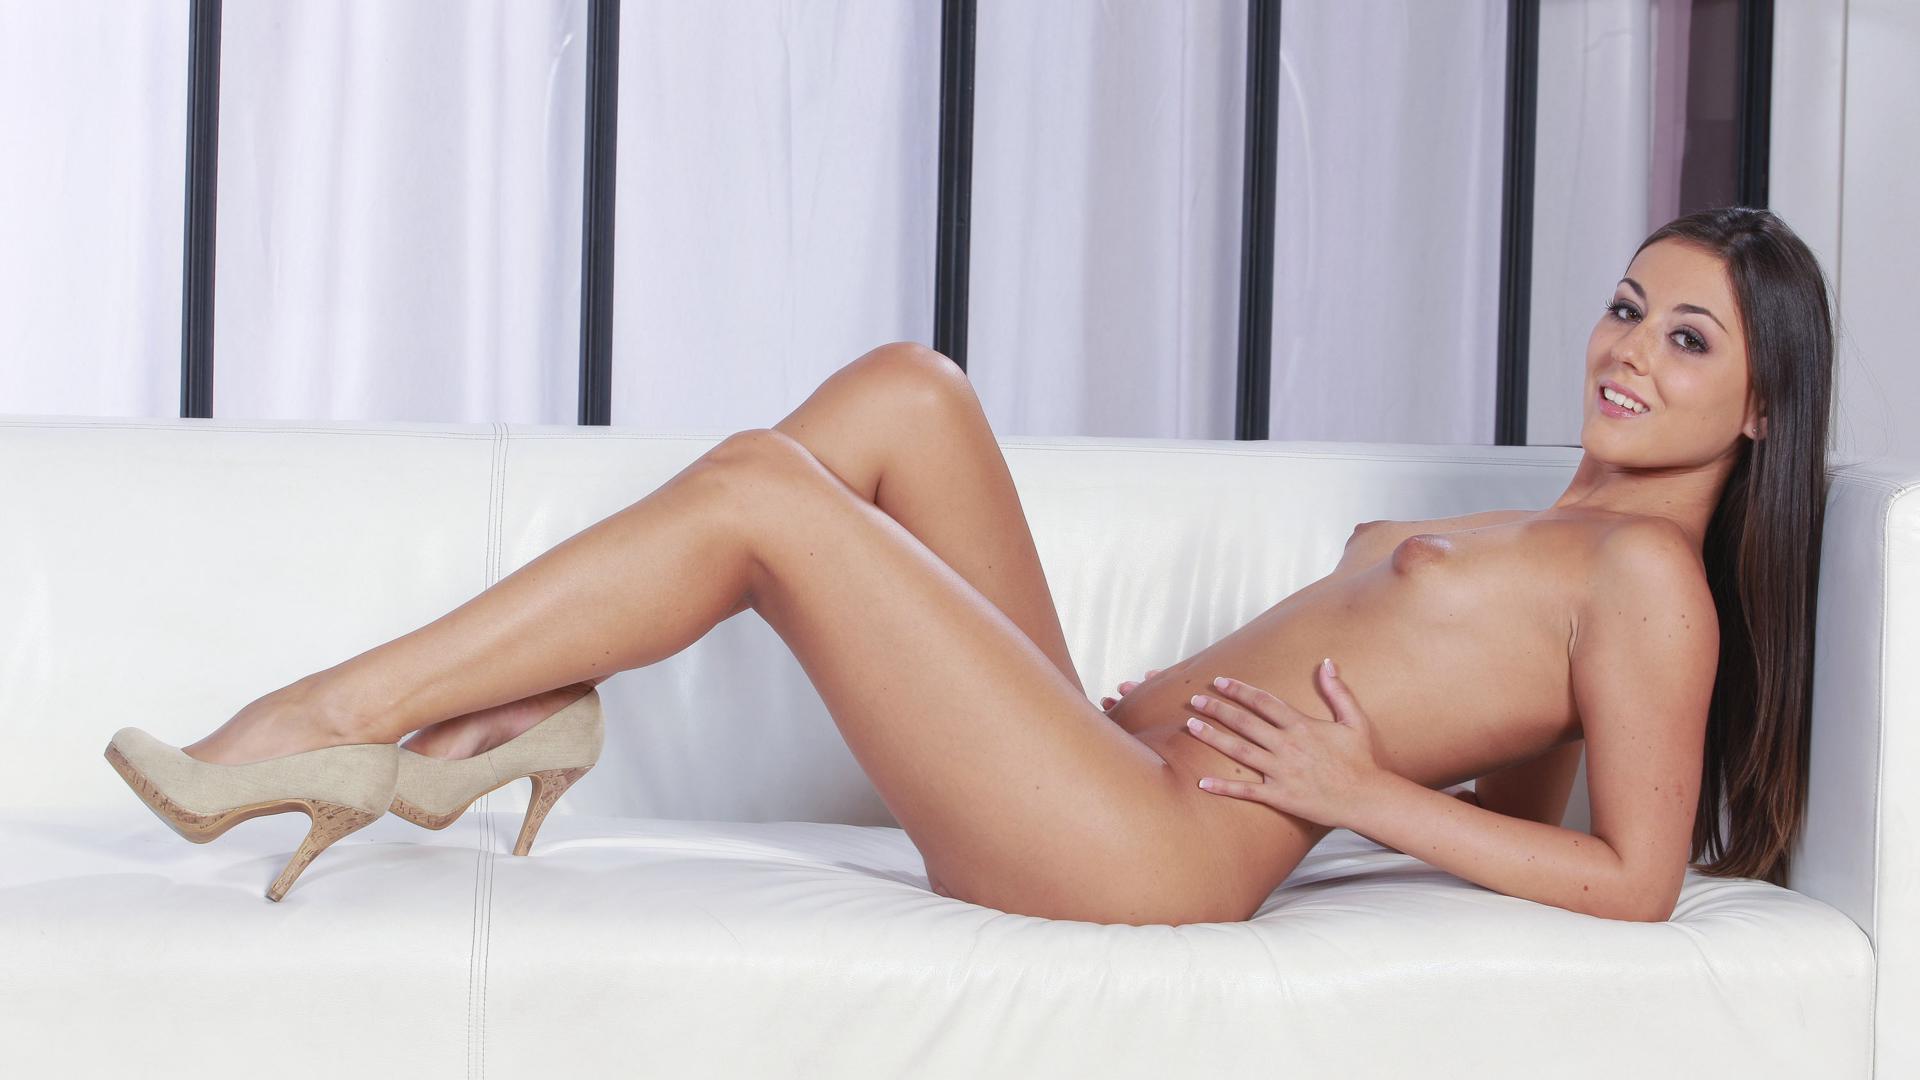 download photo 1920x1080 iwia bru te sexy girl nude